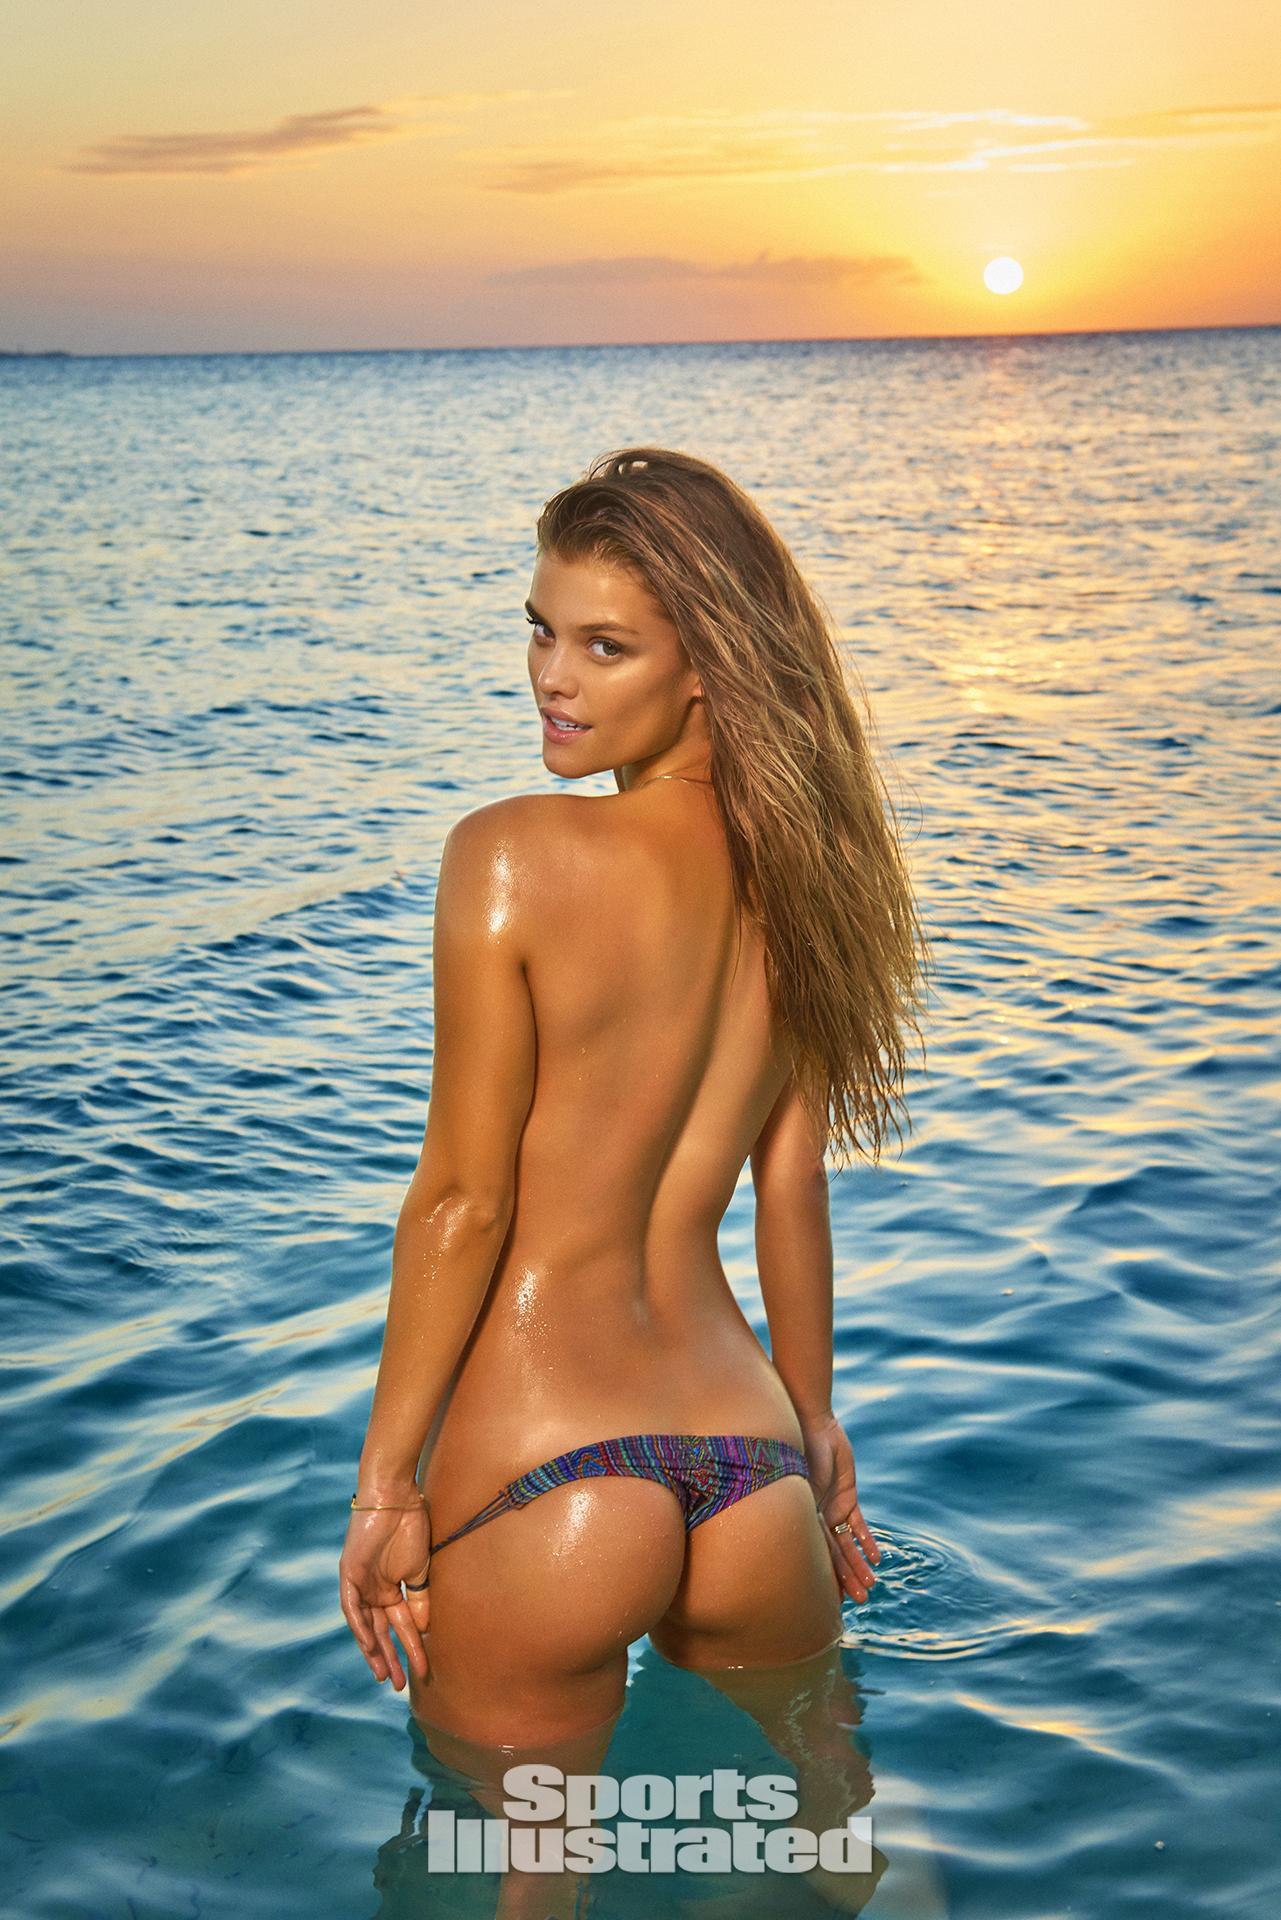 Anita weaver hot naked — img 5